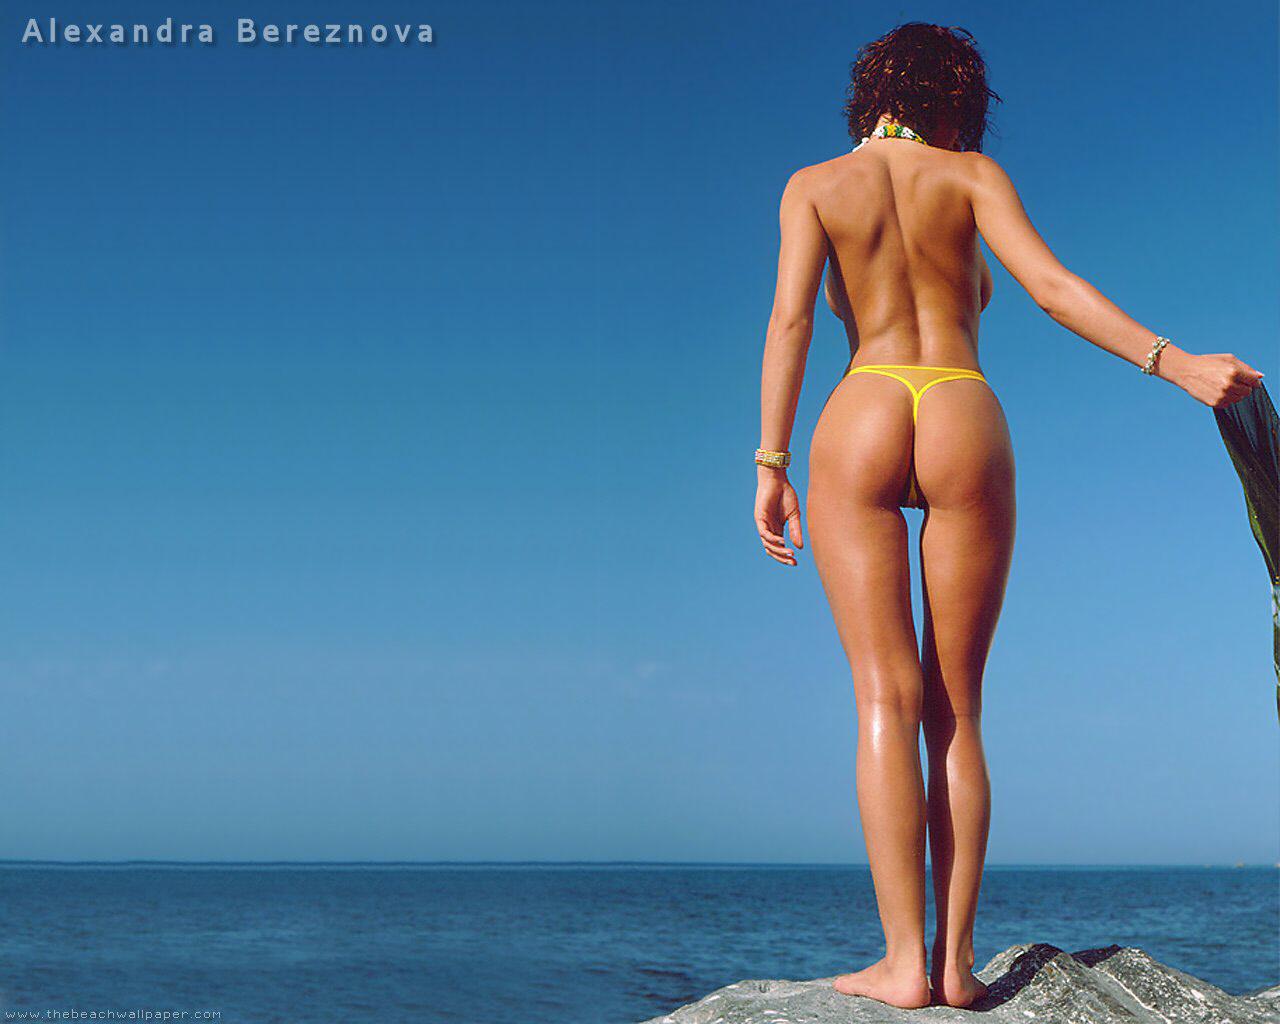 http://1.bp.blogspot.com/_oKvOFsdE41U/THw1yriQA6I/AAAAAAAAAN0/wsaPWNcj0Ck/s1600/Beach+Girls+(76).jpg